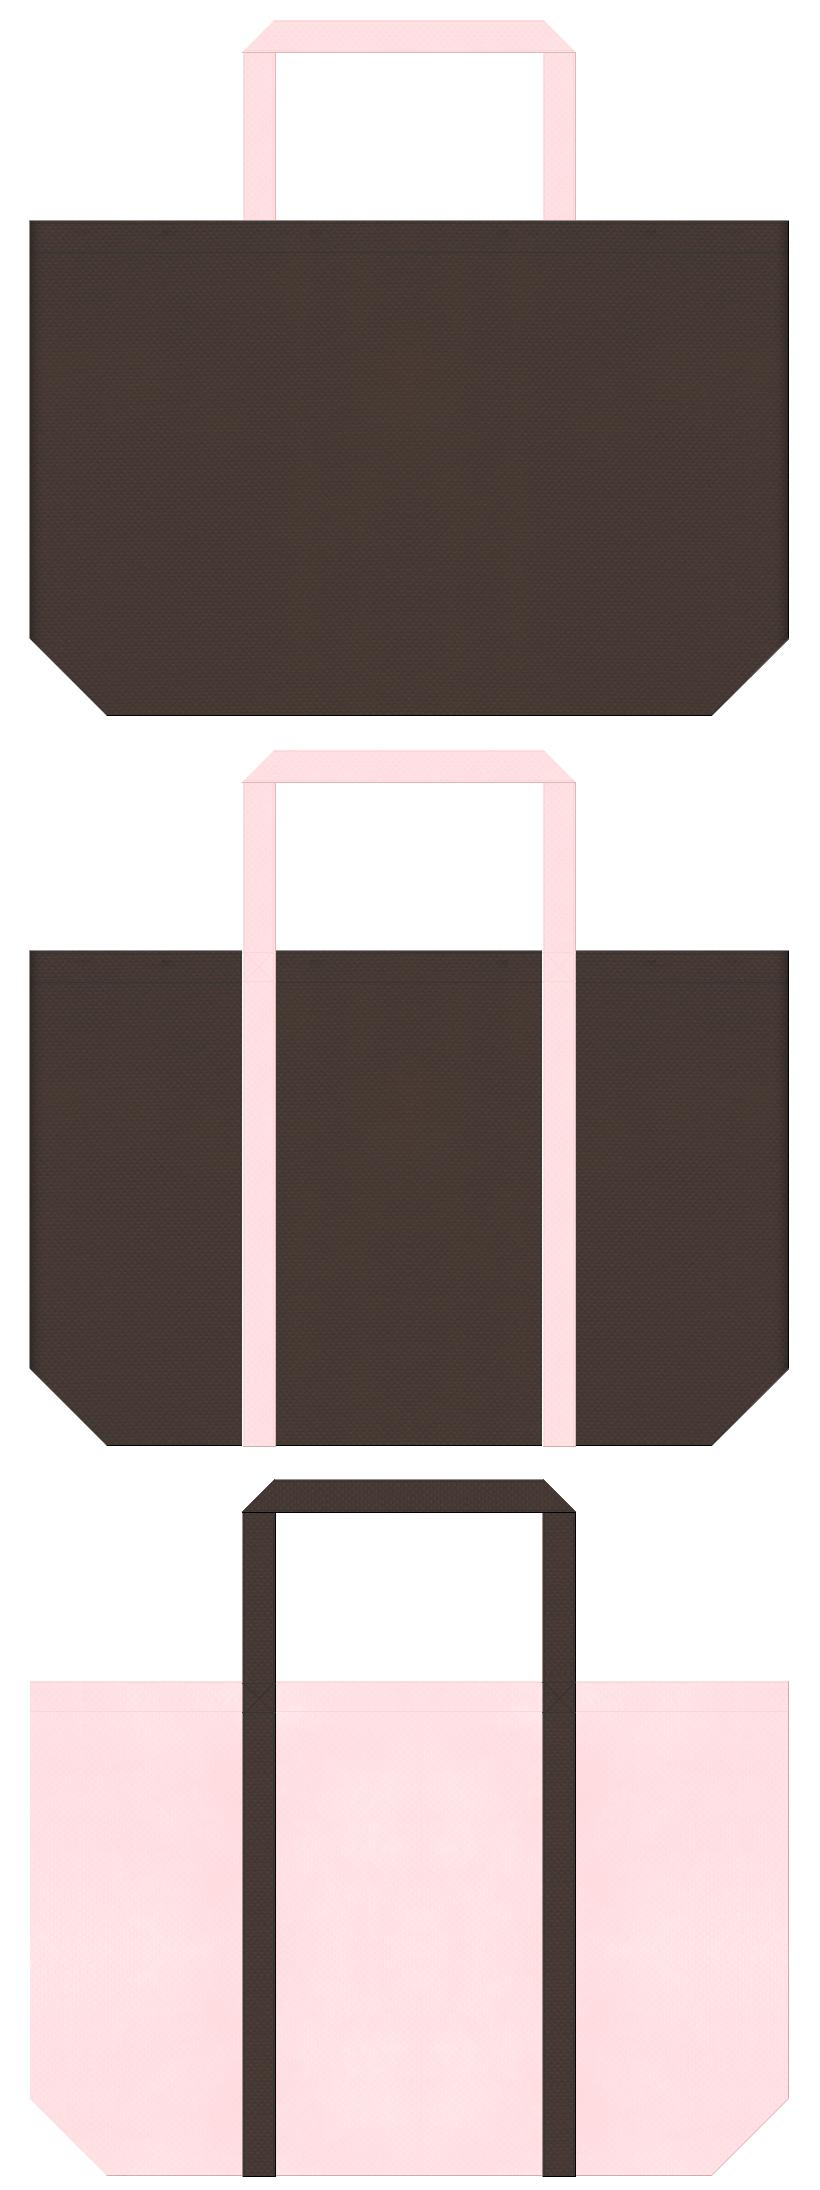 こげ茶色と桜色の不織布バッグデザイン。和菓子のショッピングバッグにお奨めの配色です。